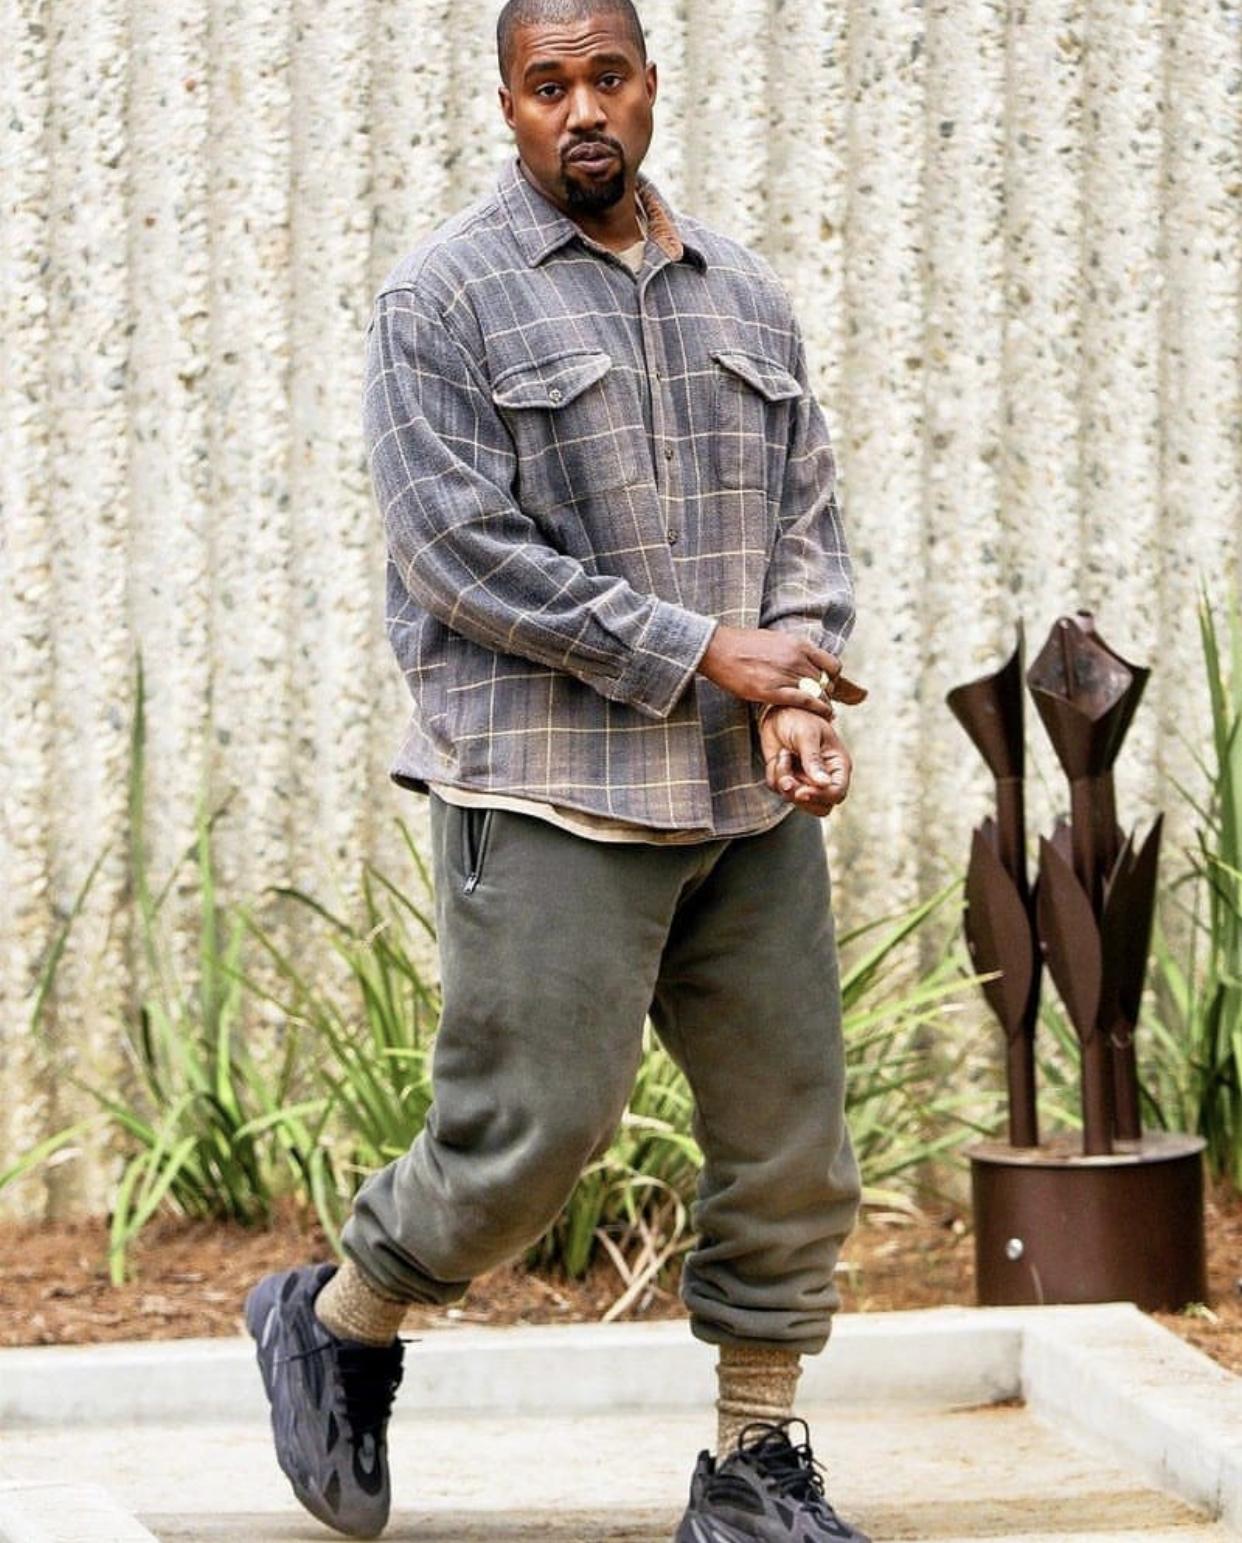 Kanyewest Adidas Yeezyseason Kanye West Outfits Kanye West Style Kanye Fashion